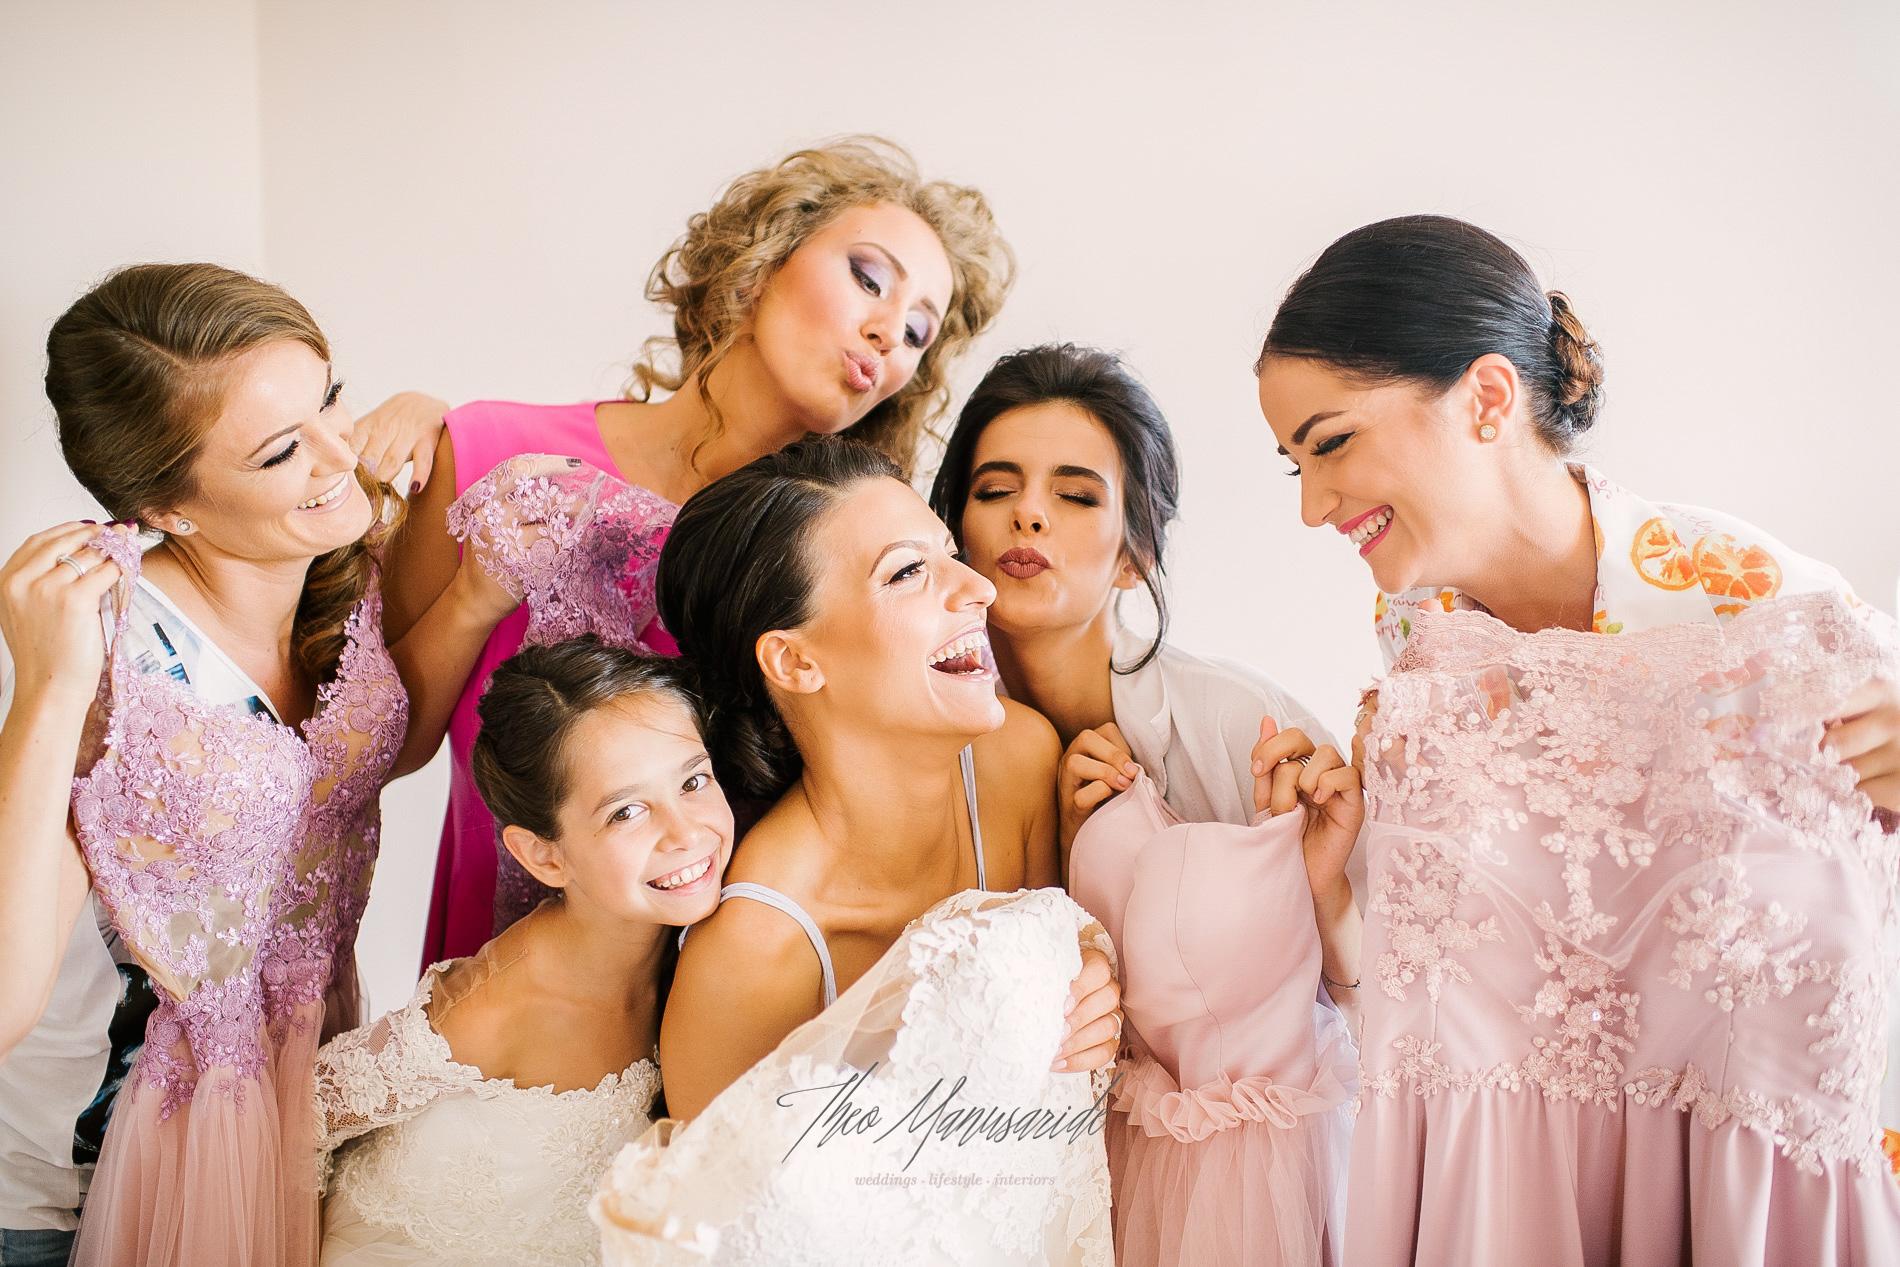 fotograf nunta biavati events-11-2